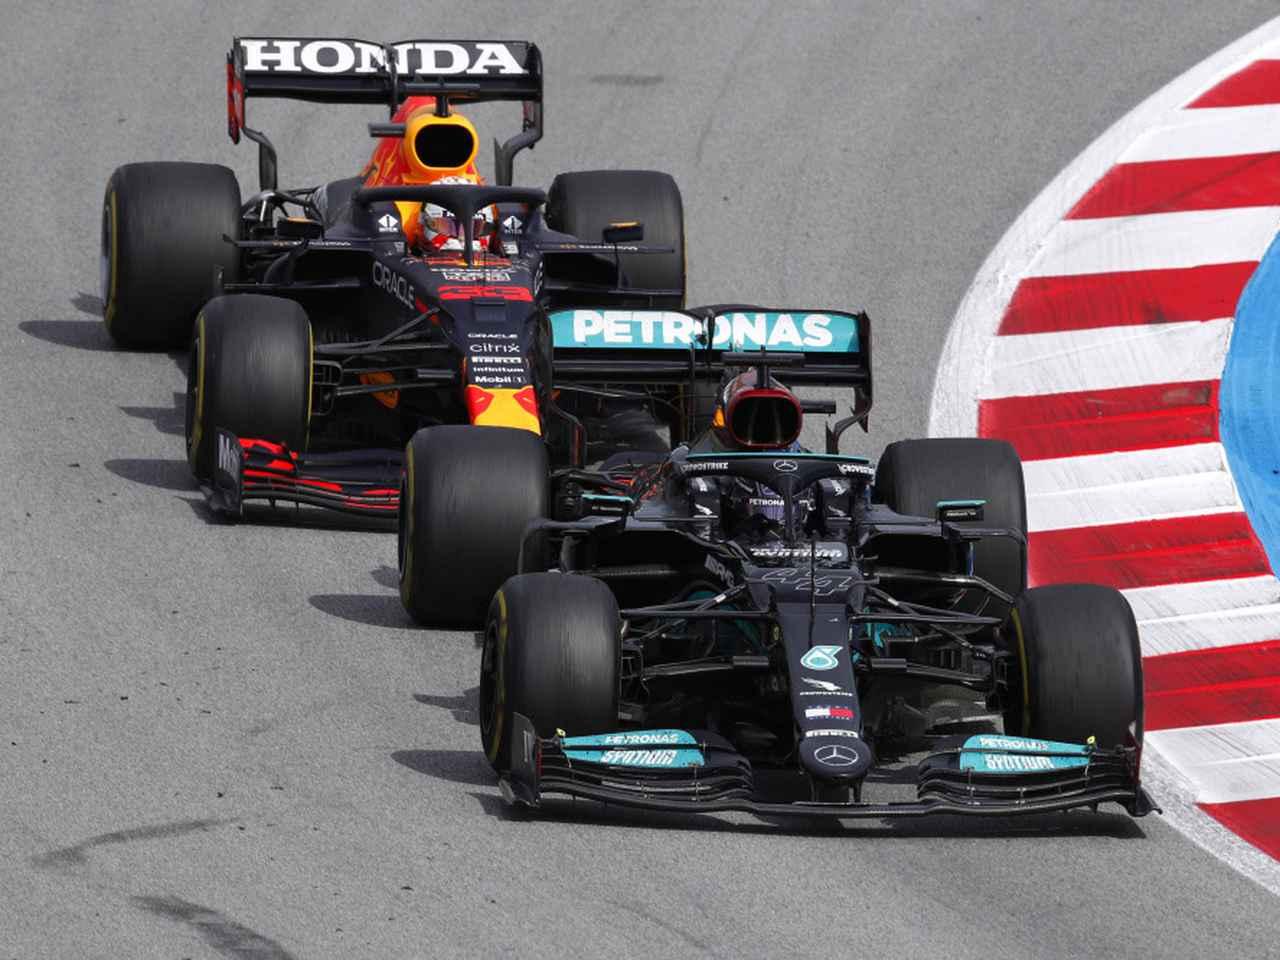 2021年F1第4戦スペインGP、ハミルトンが今季3勝目、フェルスタッペンは終盤に逆転され2位【モータースポーツ】